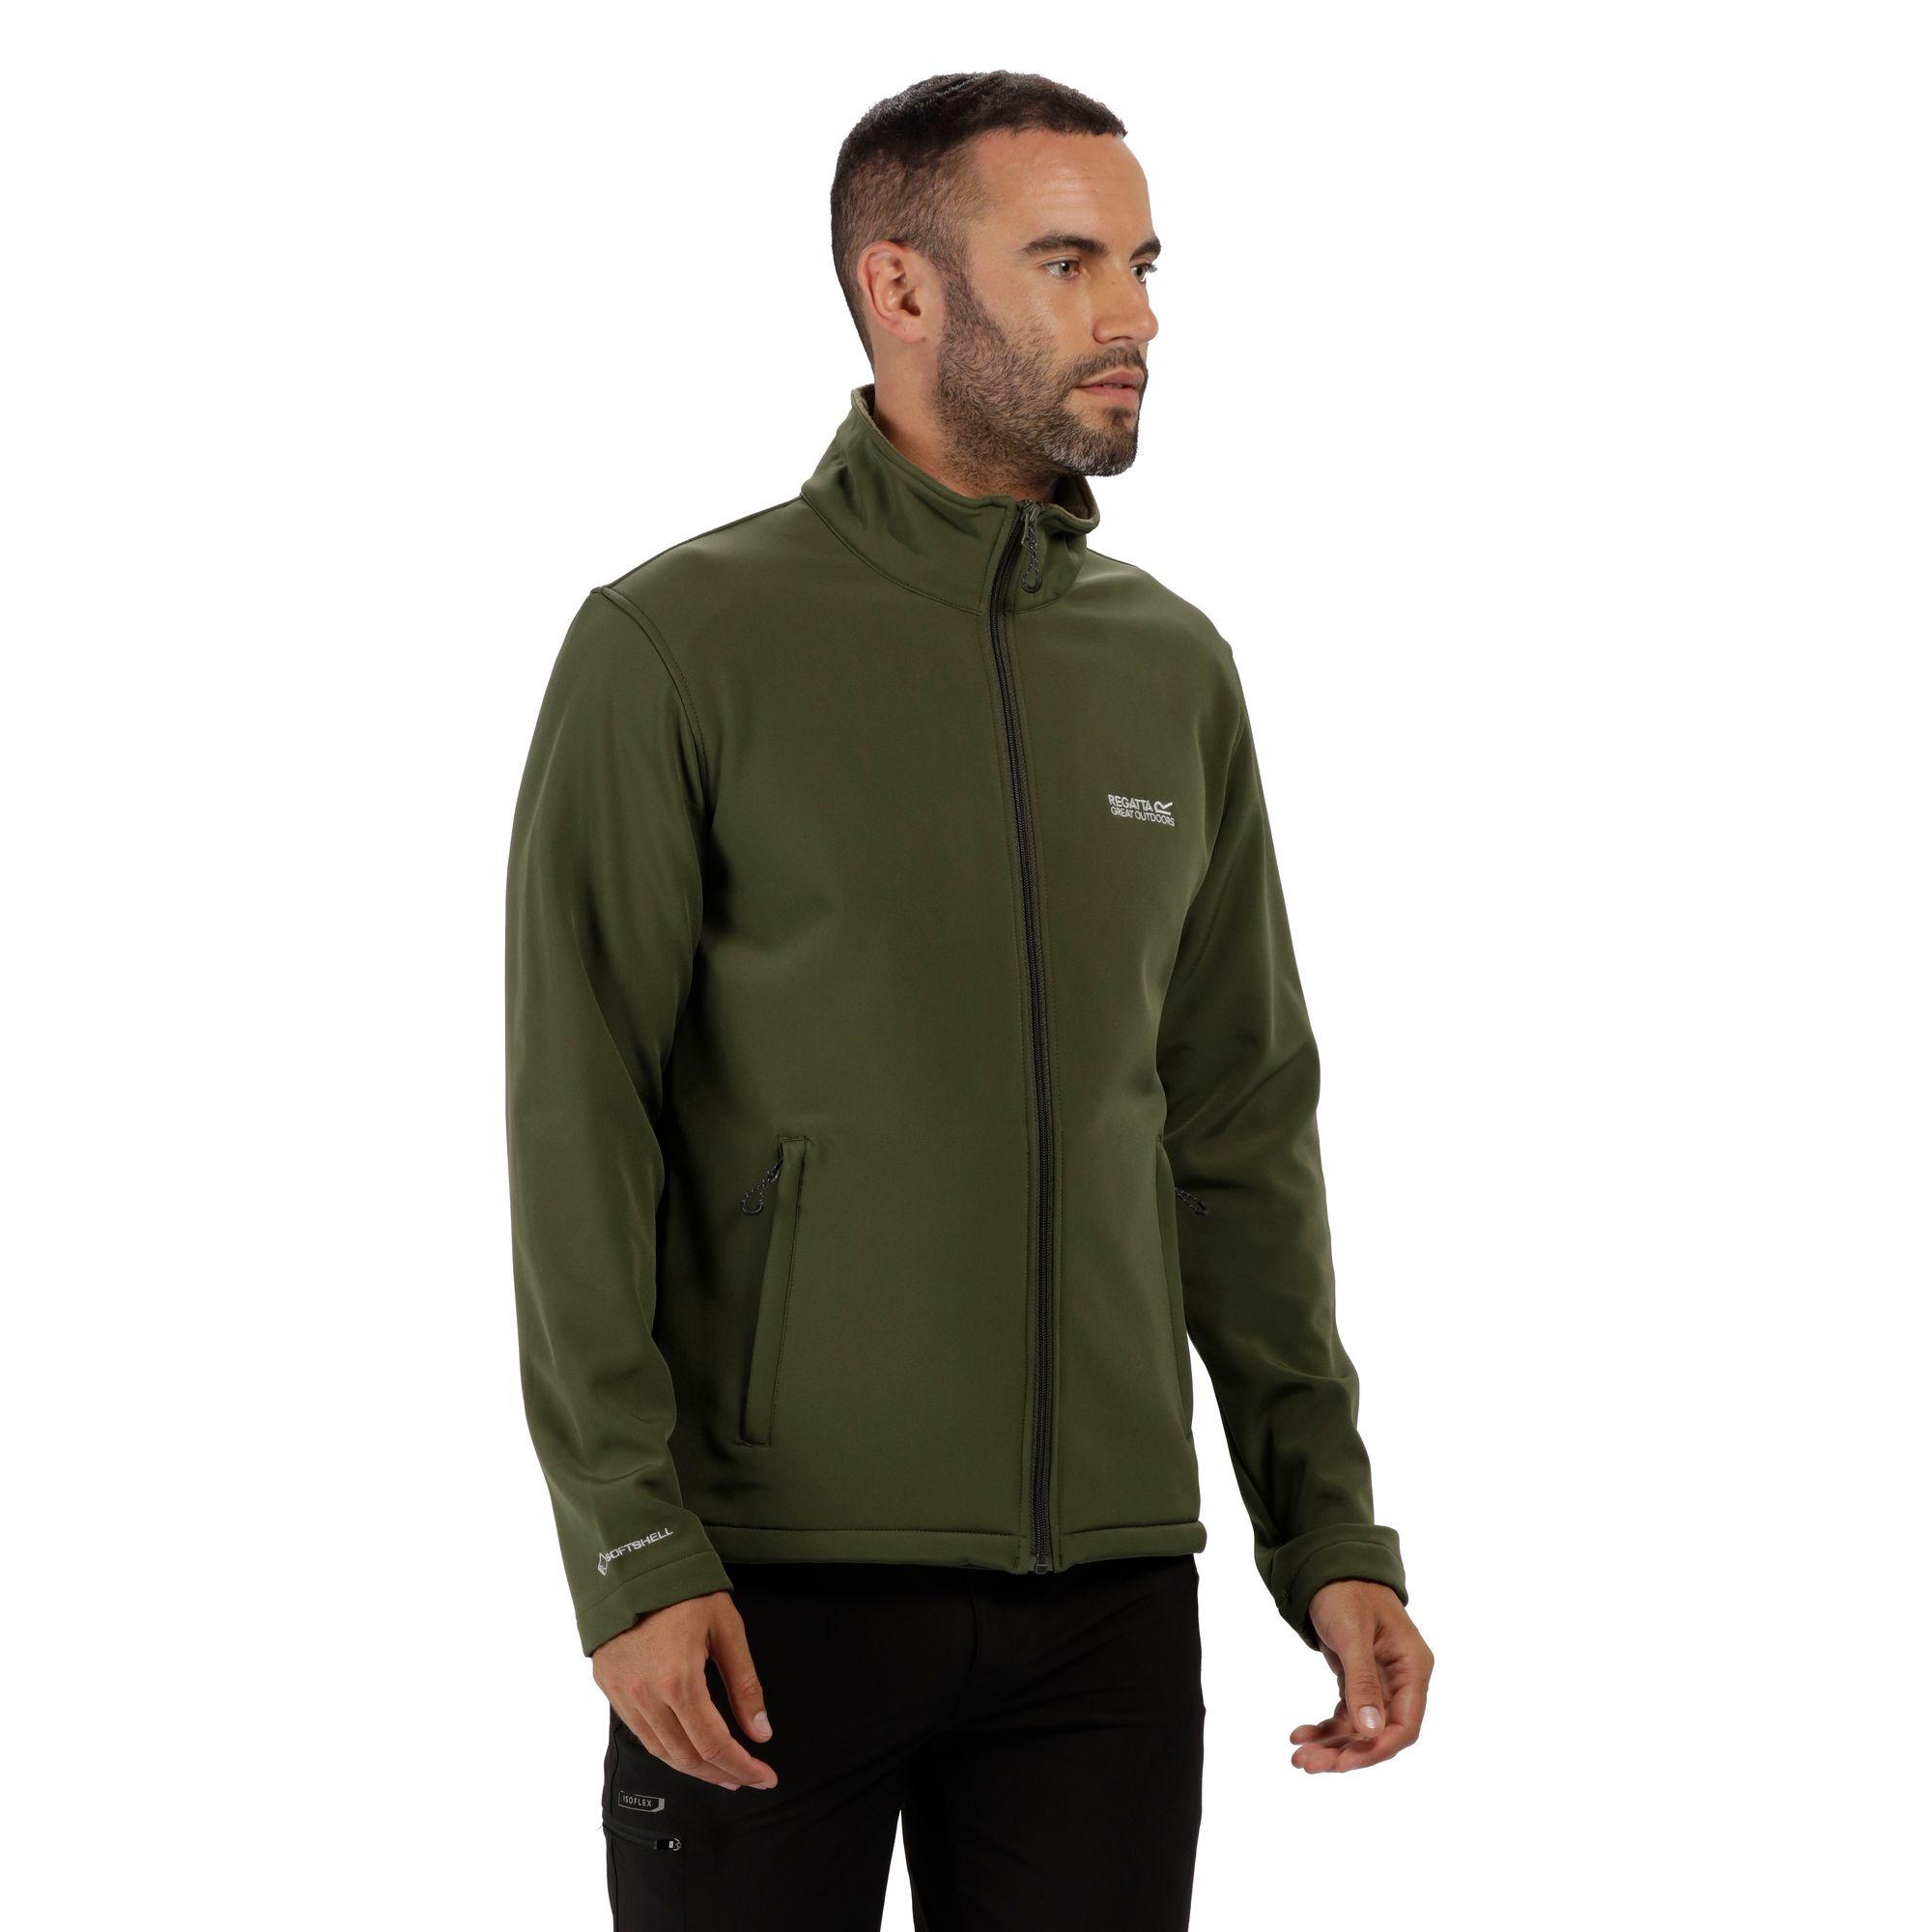 Regatta Cera III Funnel Neck Softshell Jacket